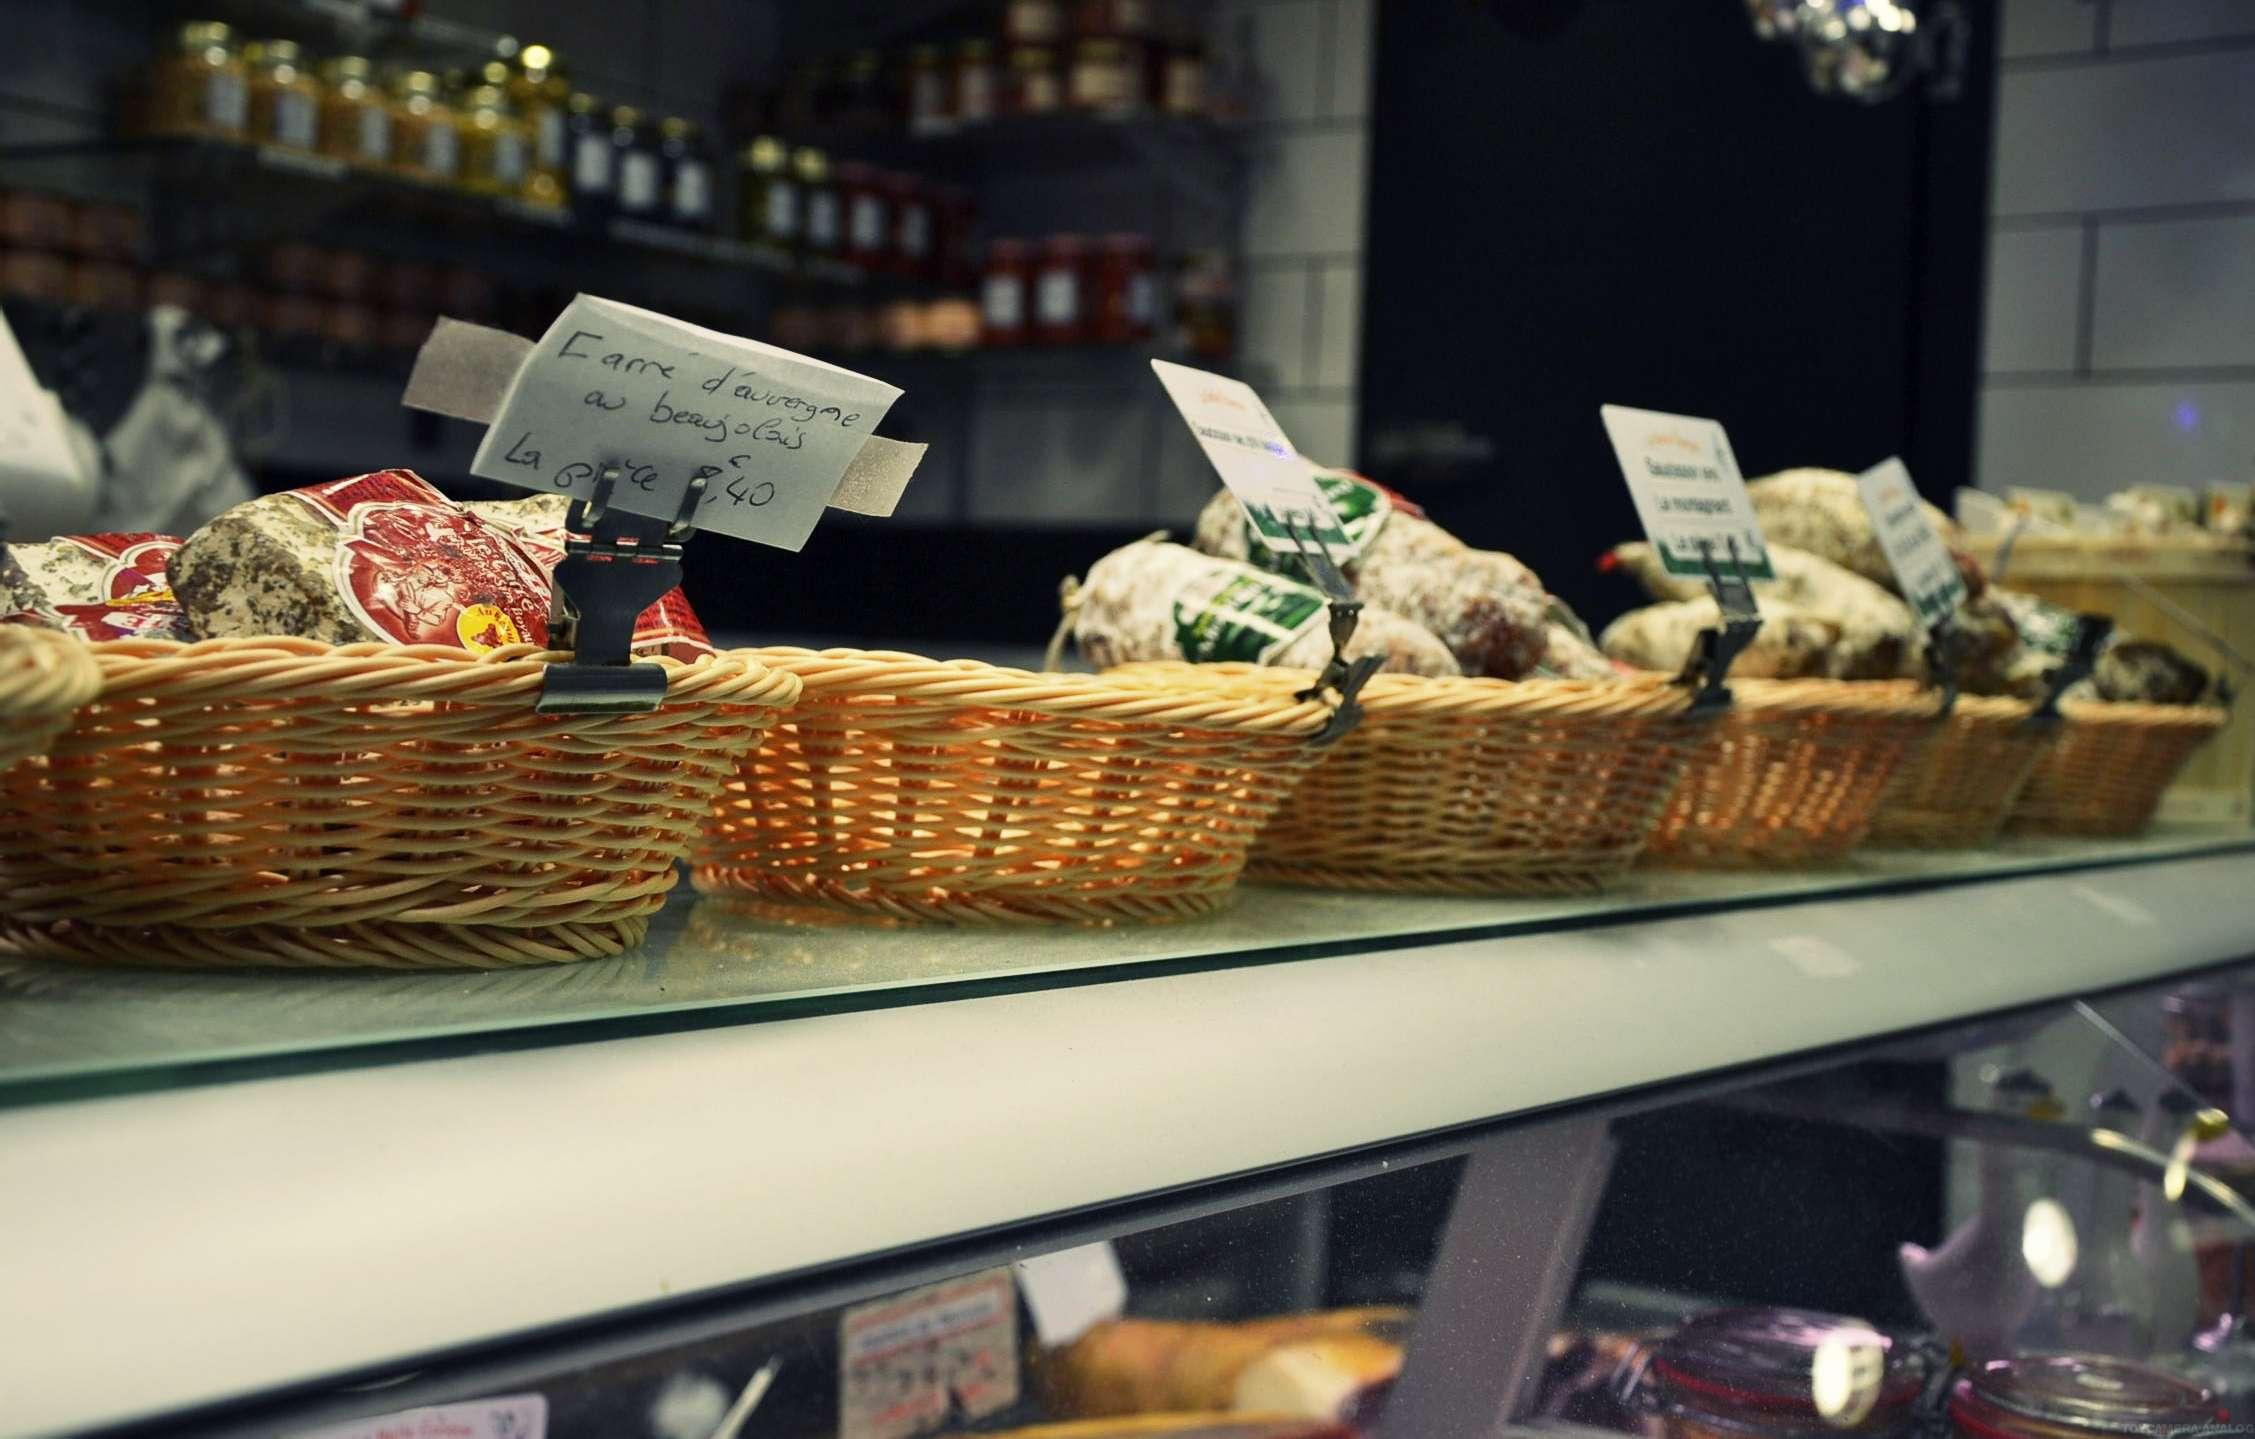 boucherie charcuterie triperie la belle époque paris 17 rue de la jonquière petits commerces petitscommerces.fr. 6